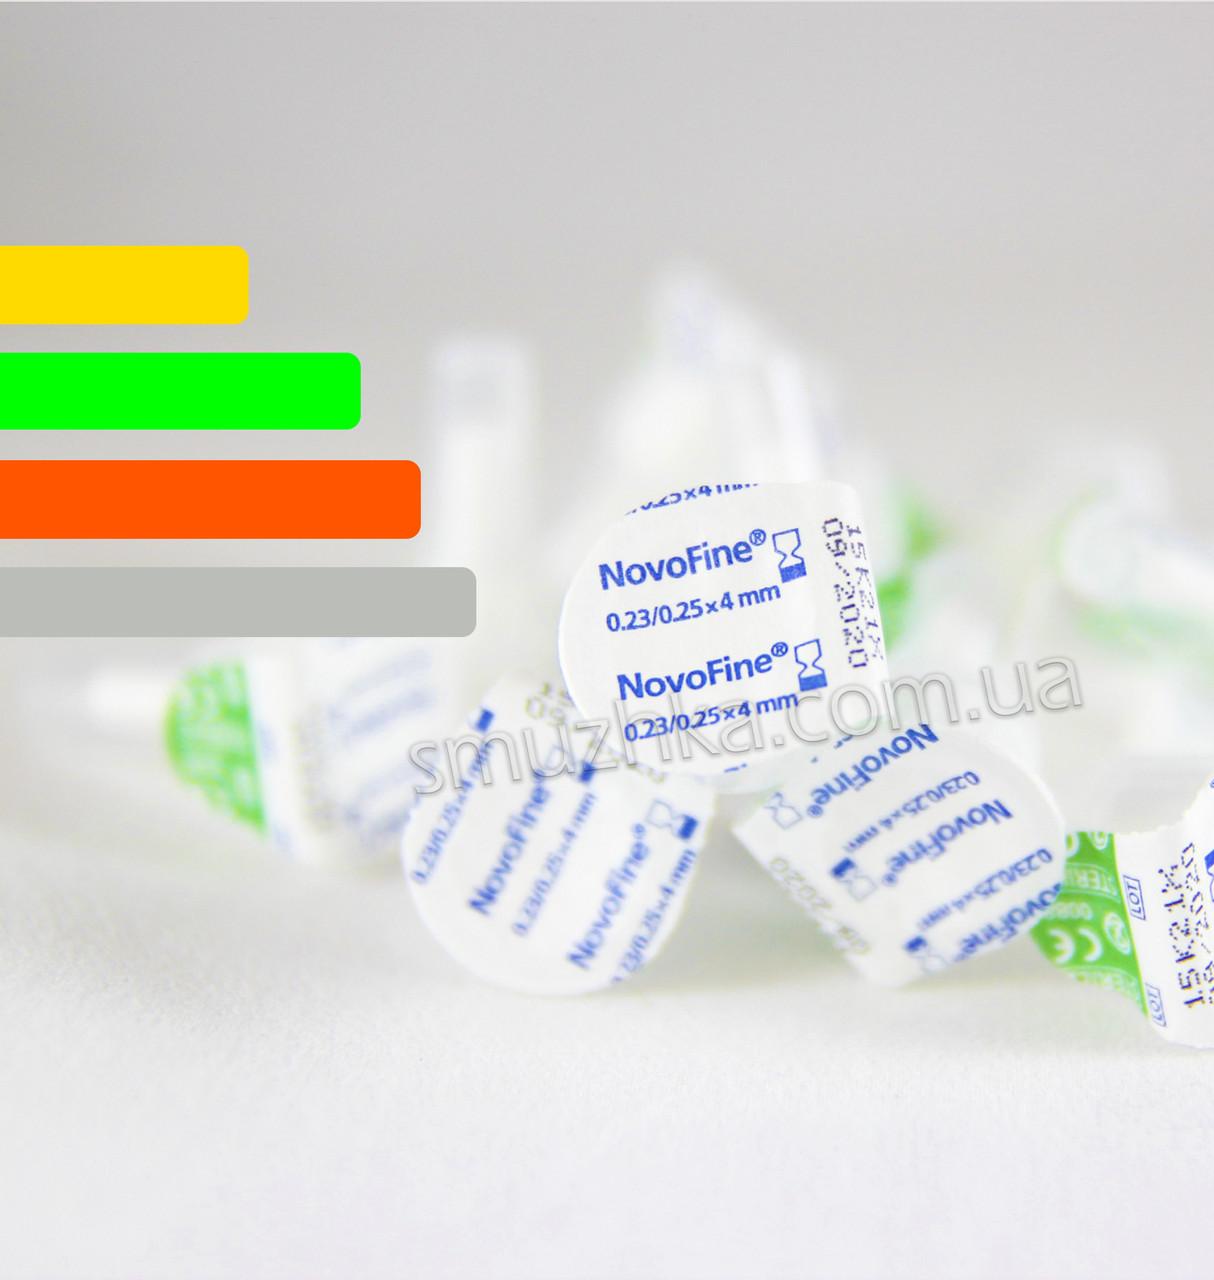 Иглы для инсулиновых шприц-ручек Новофайн 4 мм - Novofine 32G, Поштучно